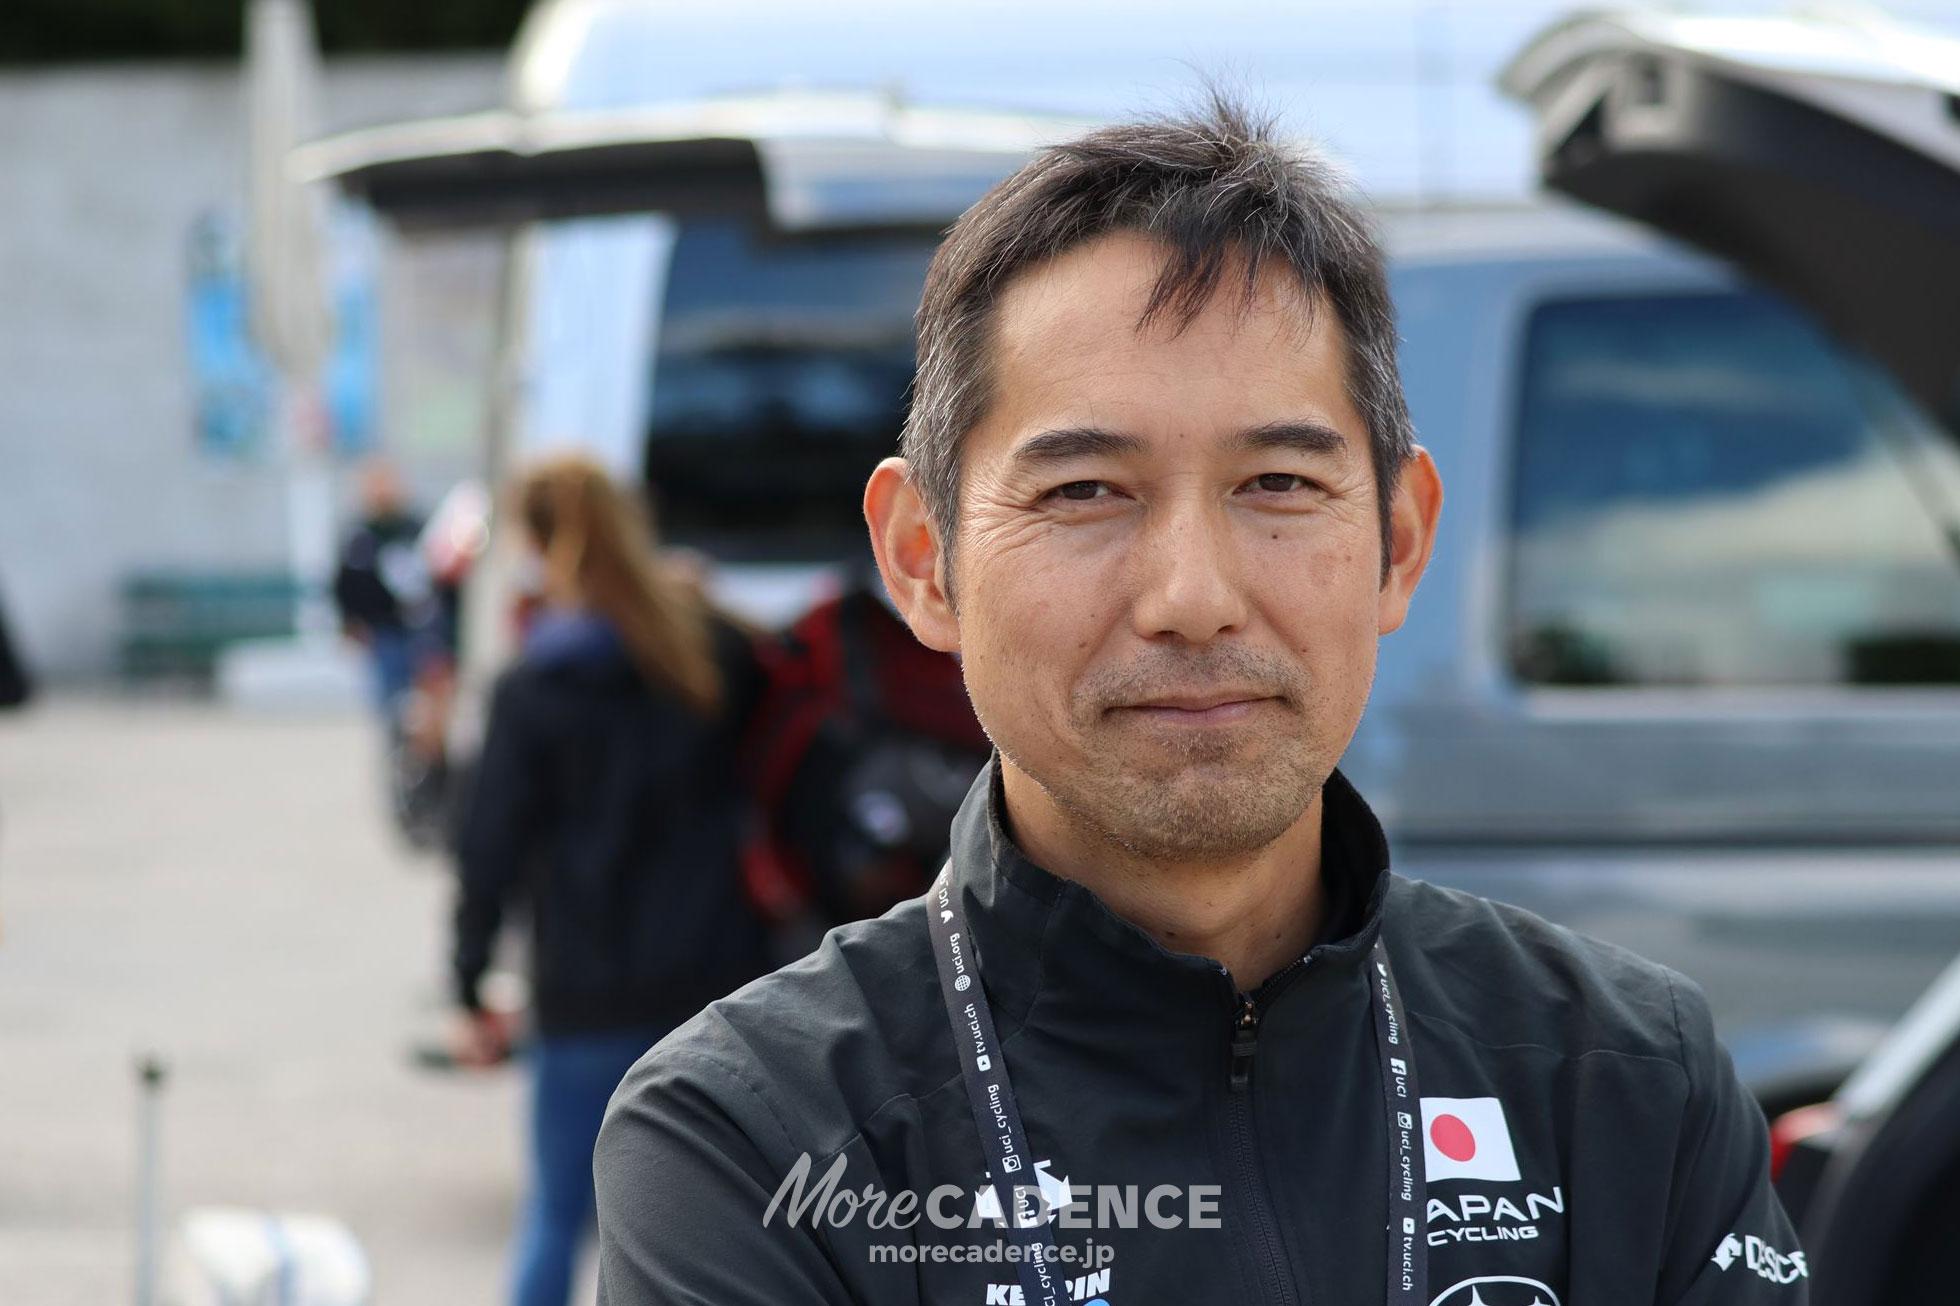 2018ロード世界選手権インタビューに答える浅田顕監督